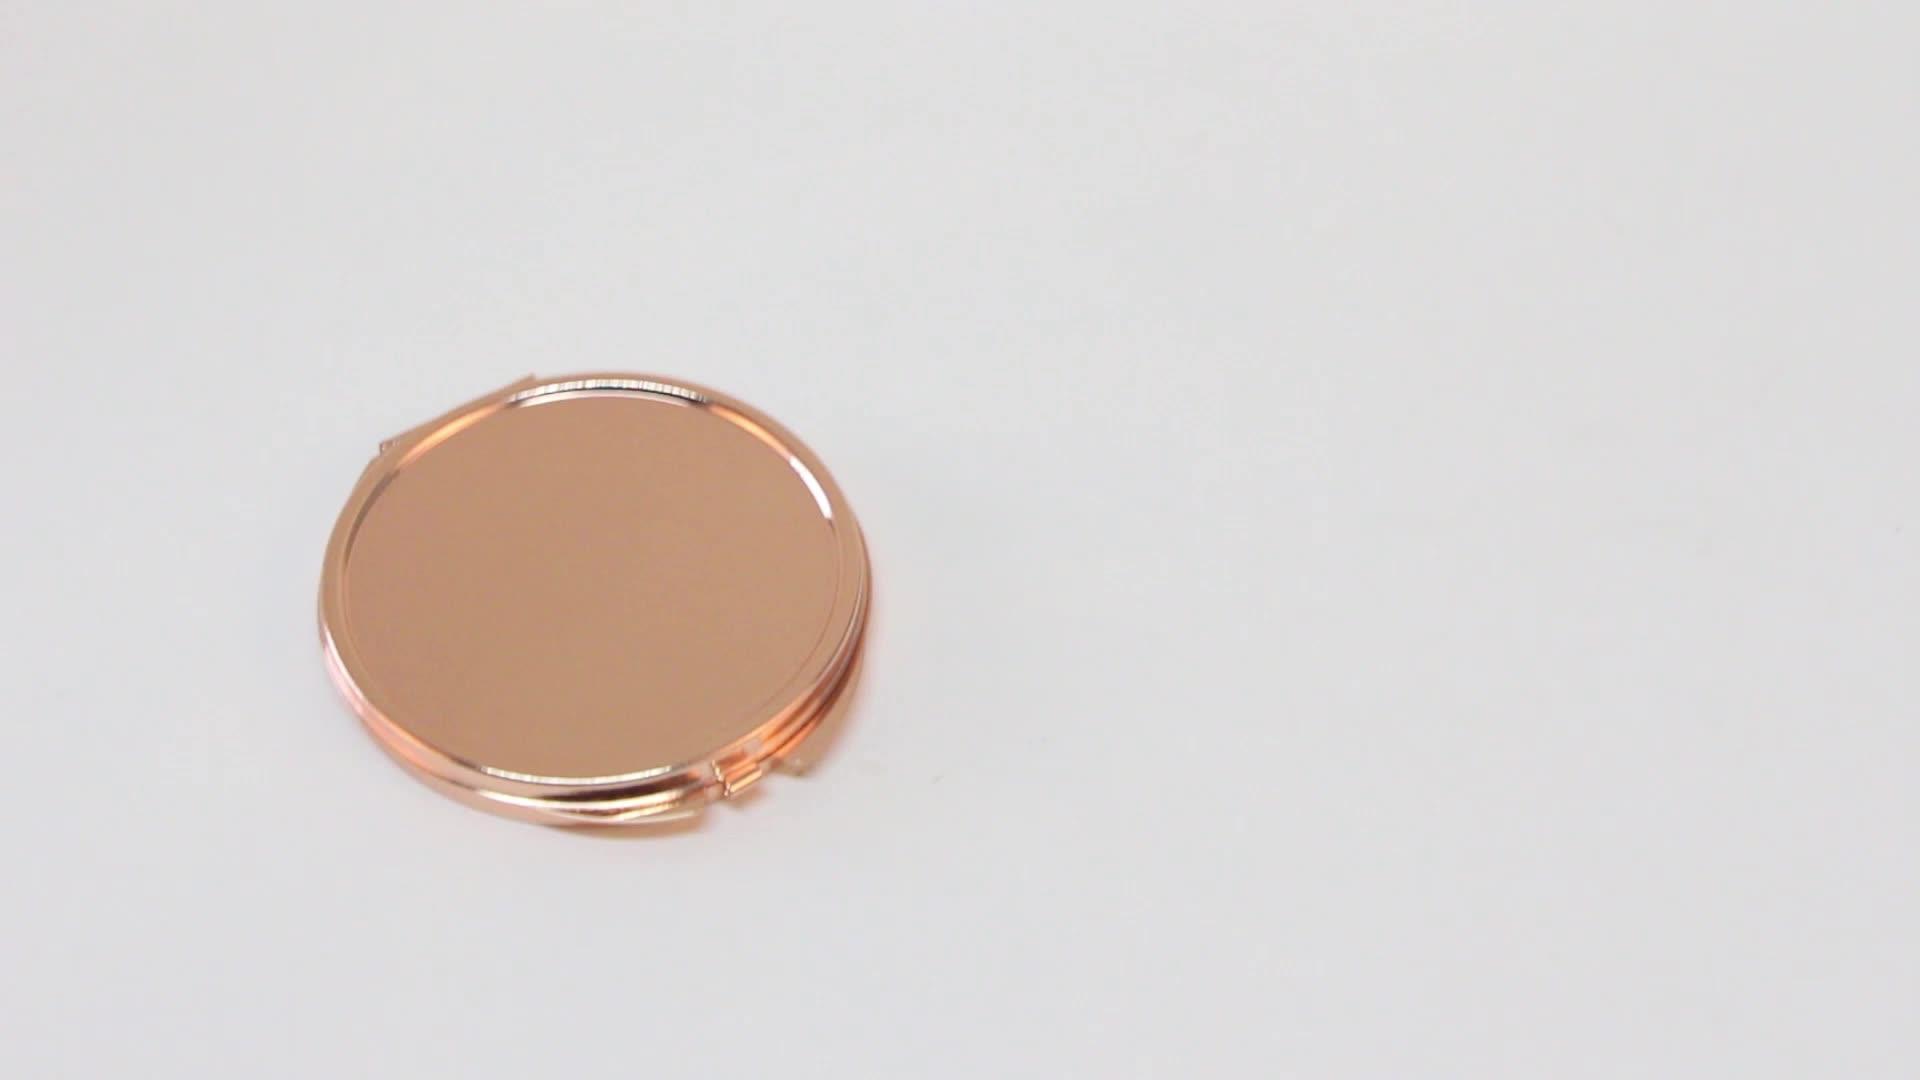 Redonda de Metal Portátil Dobrável Cosméticos Subiu Espelho de Ouro